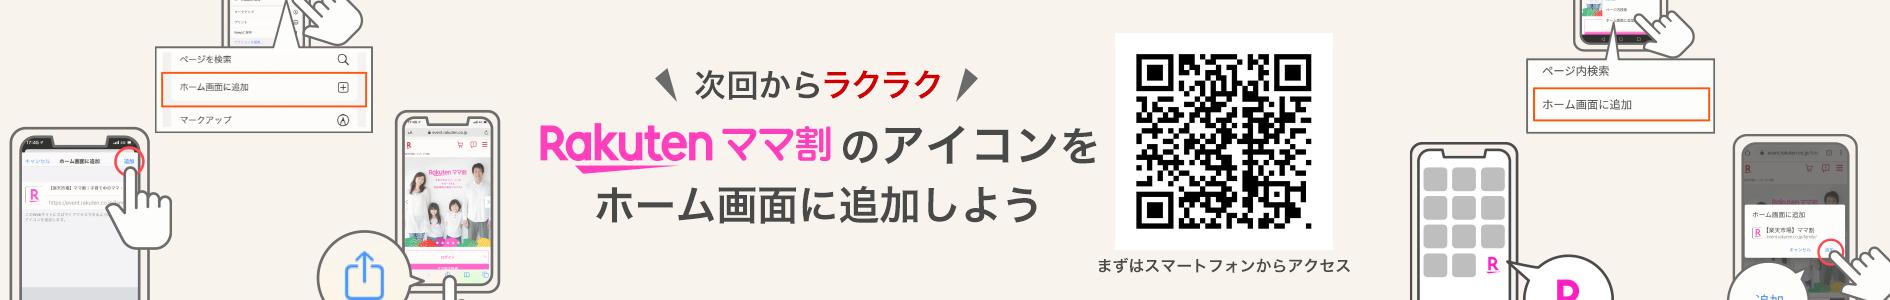 ママ割Add To Home Screen告知